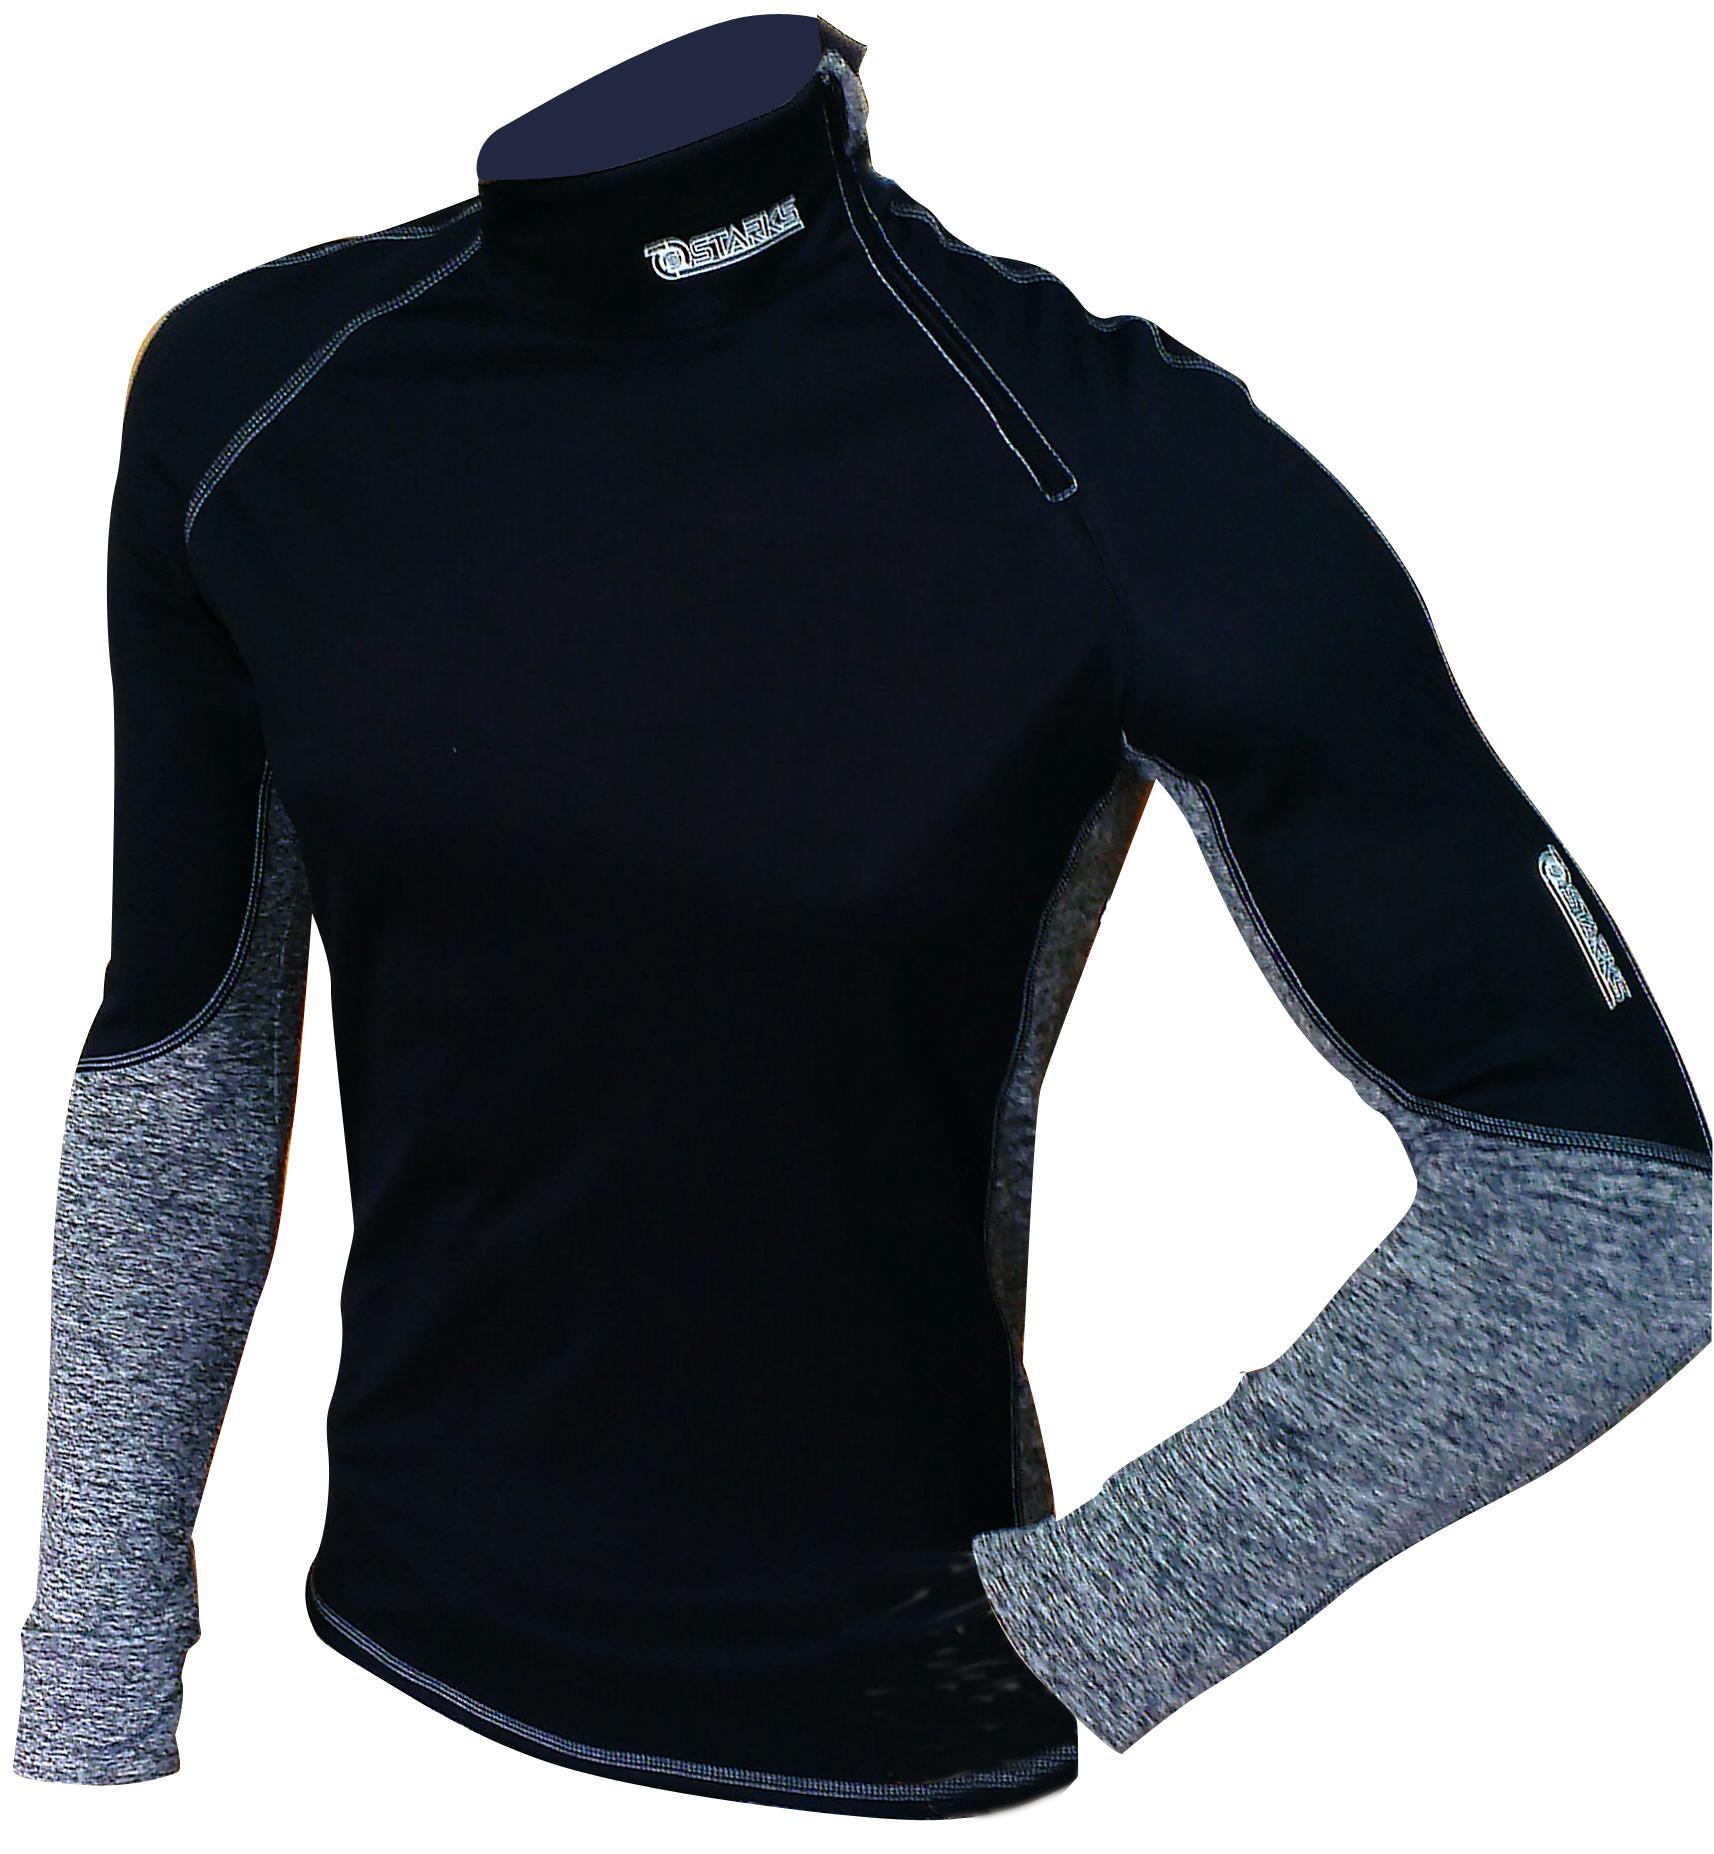 Термобелье кофта Starks Warm Extreme, зимняя, цвет: черный. Размер SЛЦ0024_Sвысокотехнологичное термобелье, гарантированно на 100% не пропускает ветер, хорошо тянется и выпускает влагу наружу. Белье рекомендуется для использования не только спортсменам зимних видов спорта, но и парашютистам, мотоциклистам, велосипедистам -всем кто испытывает дискомфорт при сильном ветре, повышенной влажности. Анатомическое, выполнено из Европейской сертифицированной ткани Polarstretchи Windstopper. Высокие эластичные свойства материала позволяют белью максимально повторять индивидуальную анатомию тела. Отличные влагоотводящиесвойства, позволяют телу оставаться сухим. Термоизоляционные свойства, позволяют исключить переохлаждение или перегрев. Воротник стойка обеспечивает защиту шеи от холода. Молния -легкое одевание кофты. Особенности: STOP BACTERIA-Ткань с ионами серебра, предотвращает образование и развитие бактерий. Исключено образование запаха. Защита от перегрева или переохлаждения Система мягких и плоских швов Гипоаллергенно Состав:...